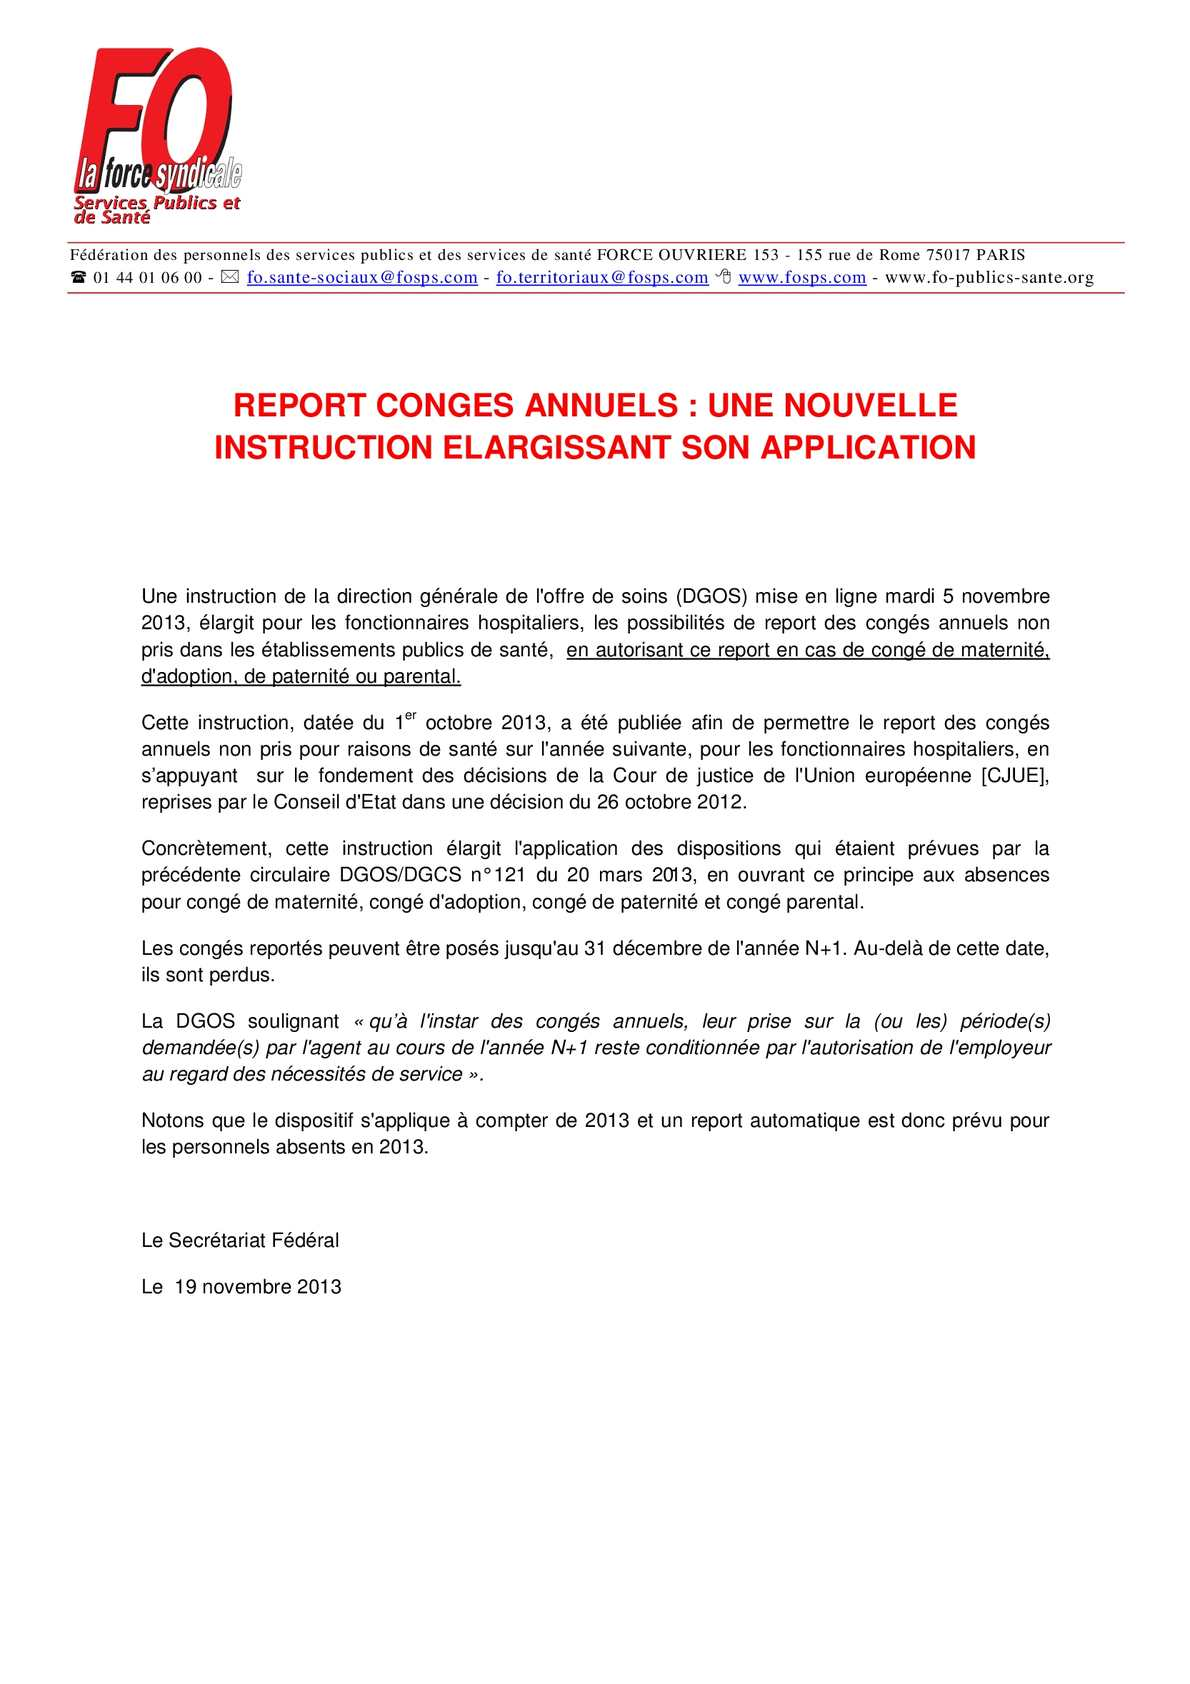 Calameo Report Des Conges Annuels Non Pris Dans Les Etablissements